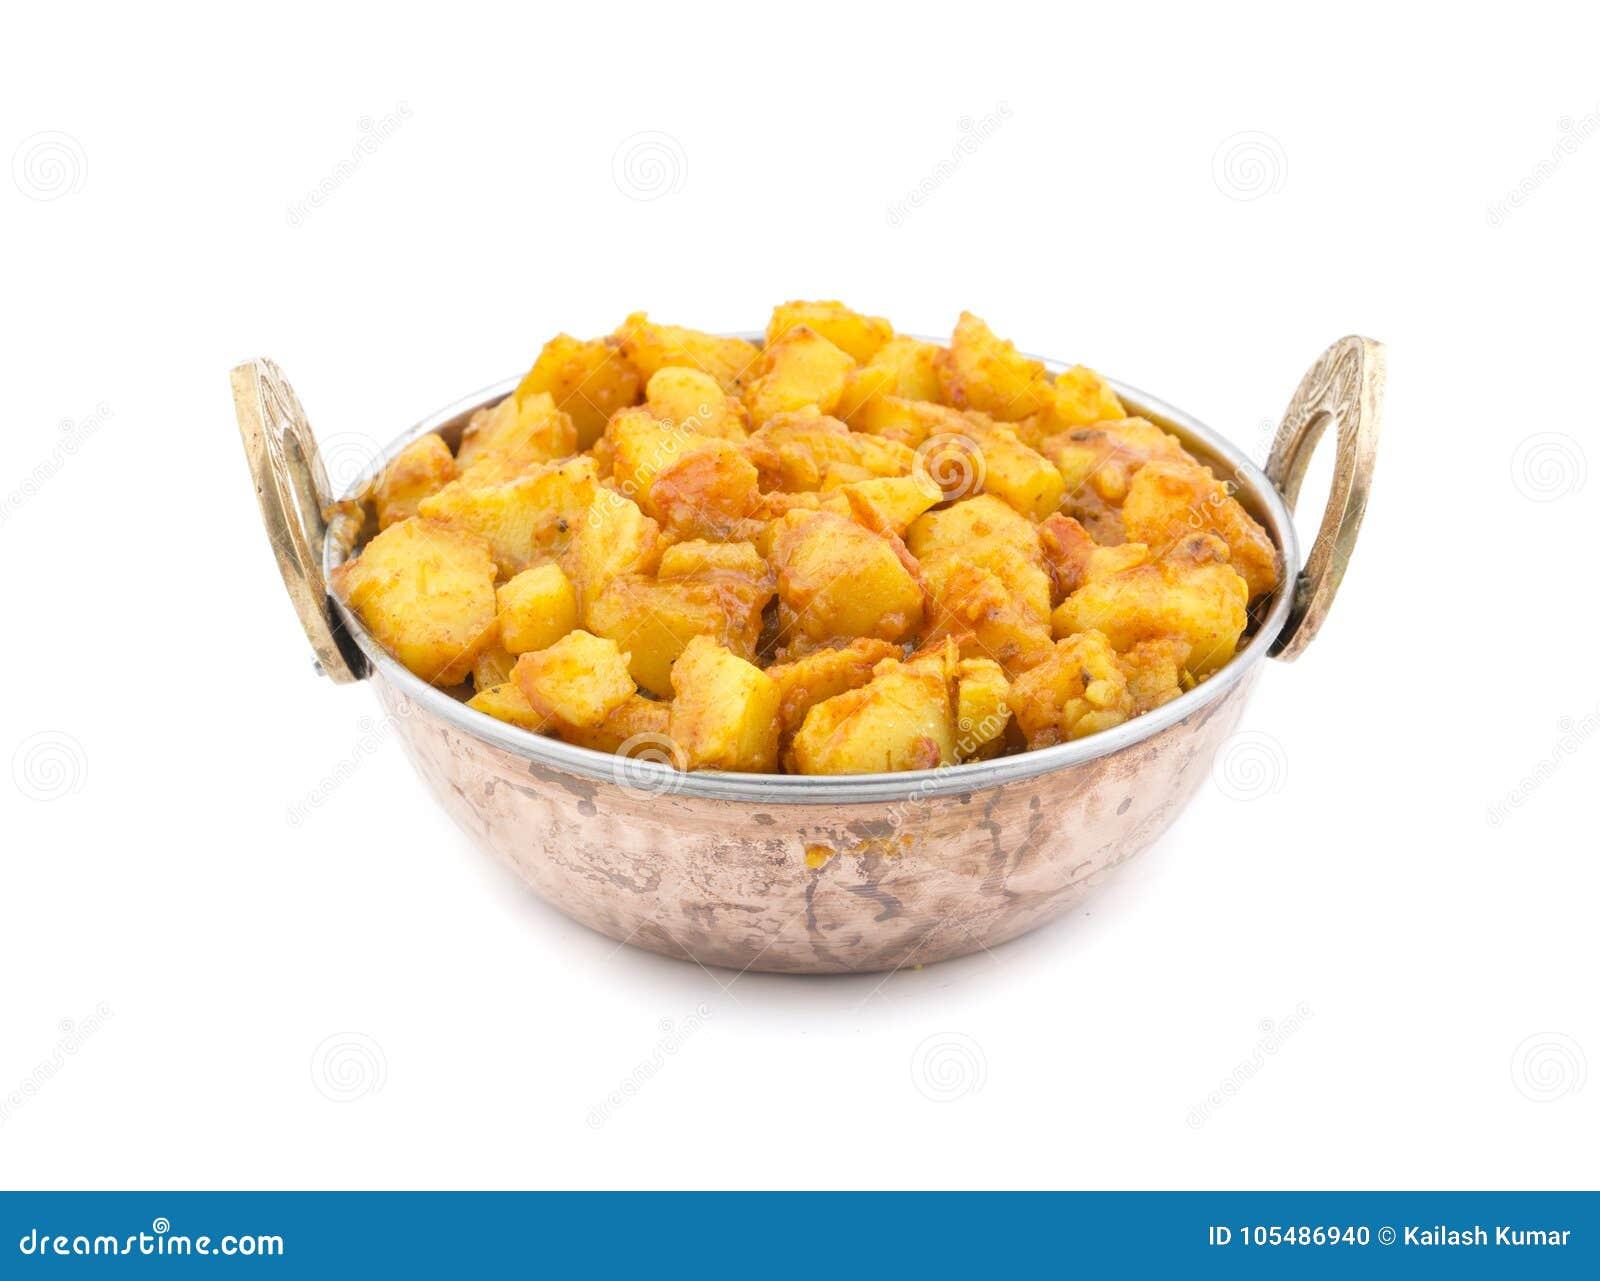 Fried Potato Vegetable